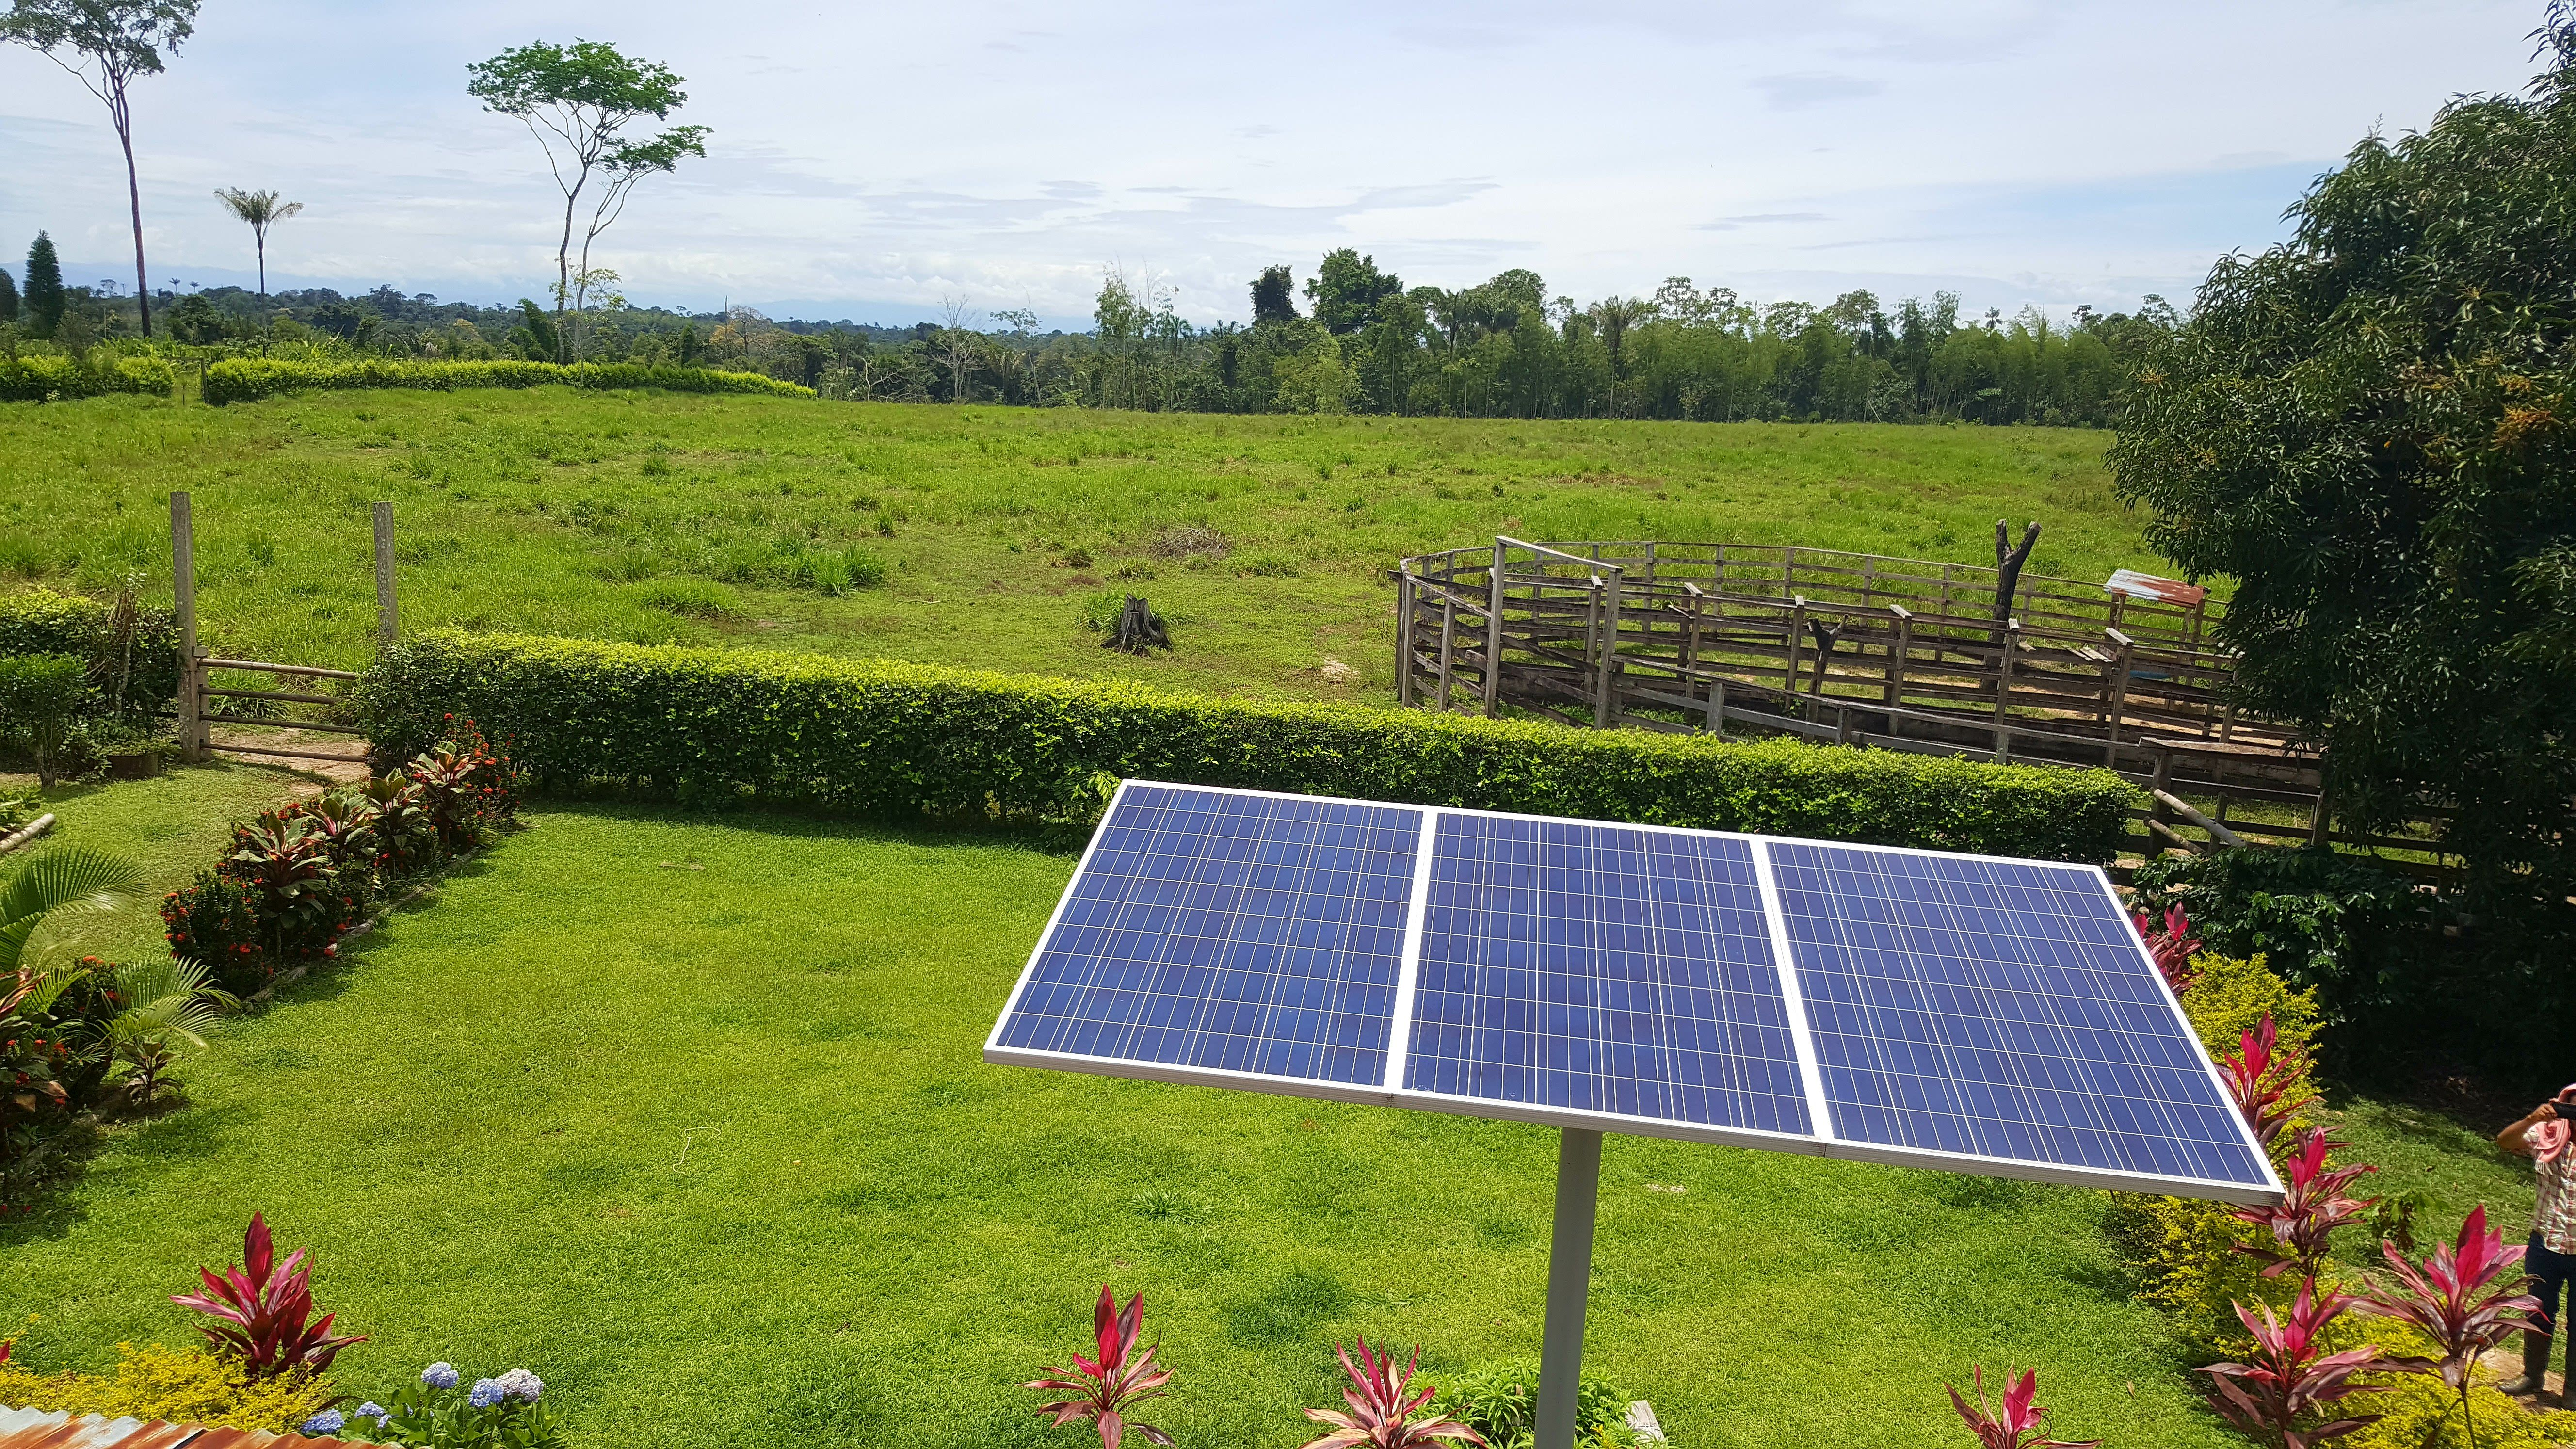 Http Www Suncolombia Com Paneles Solares Energia Bajo Costo Venta De Paneles Solares En Colombia Suncolombia Somos Especia Roof Solar Panel Outdoor Solar